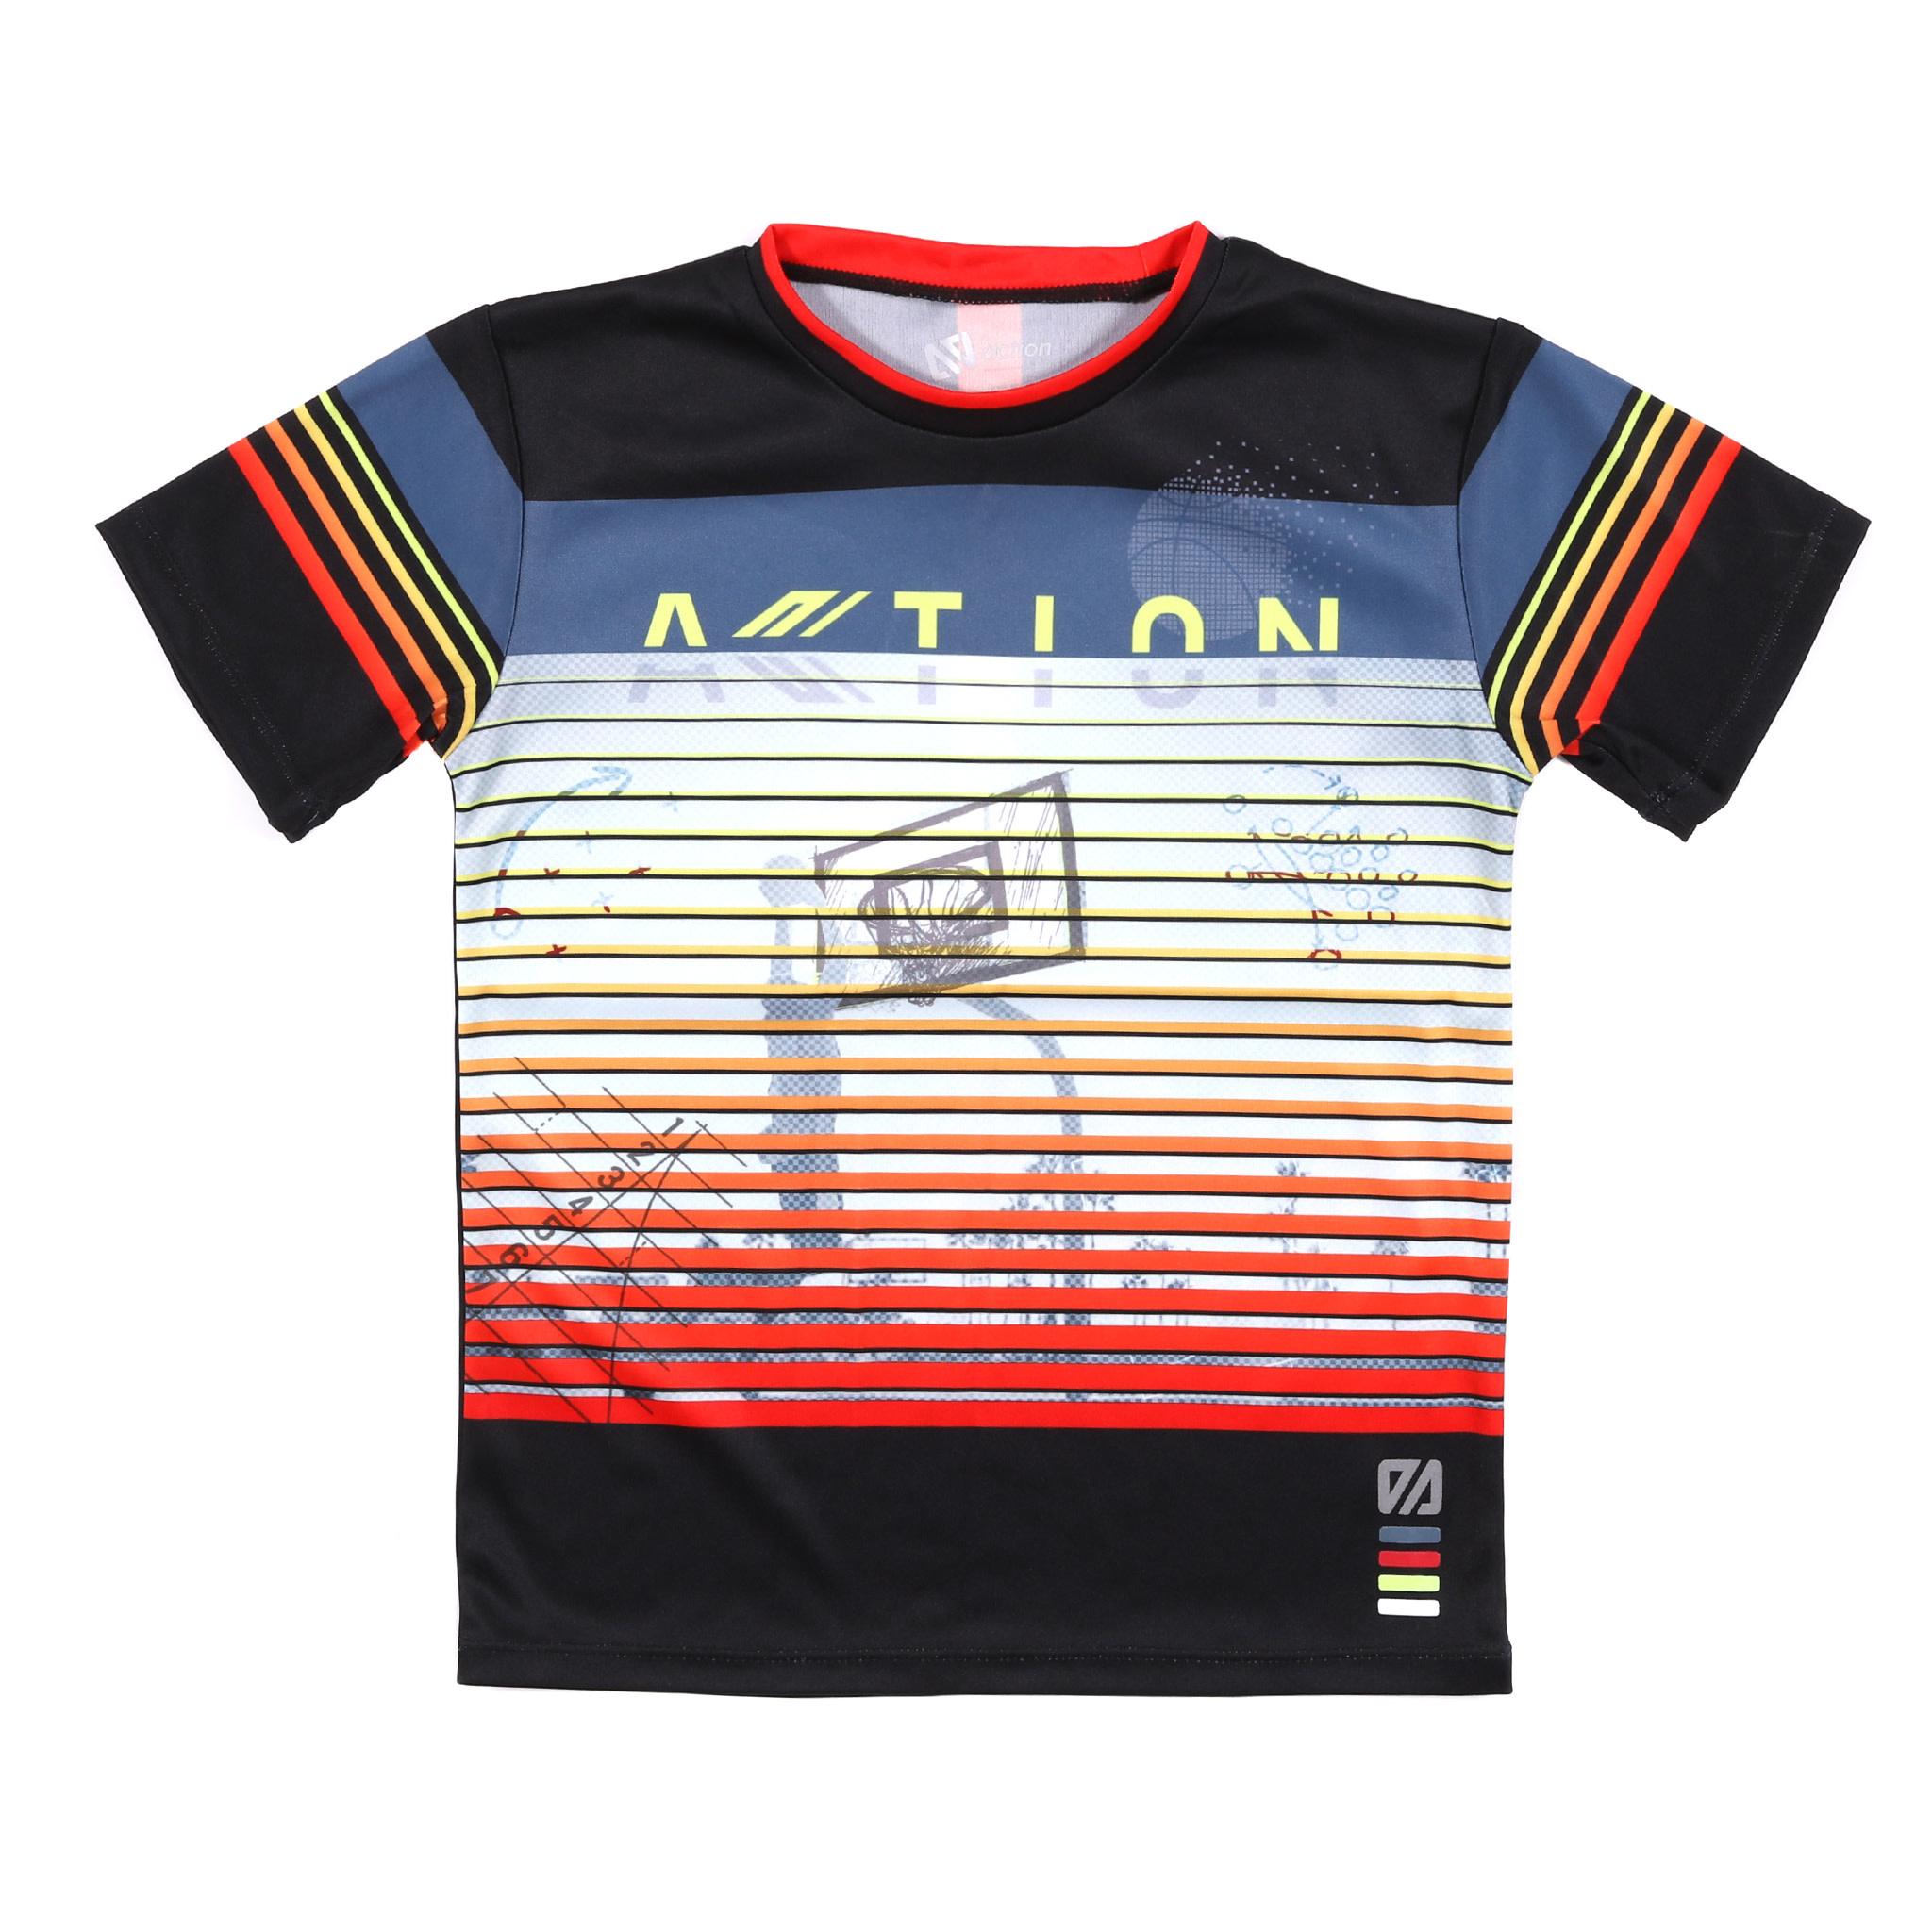 T-shirt athlétique - Prendre Action-1